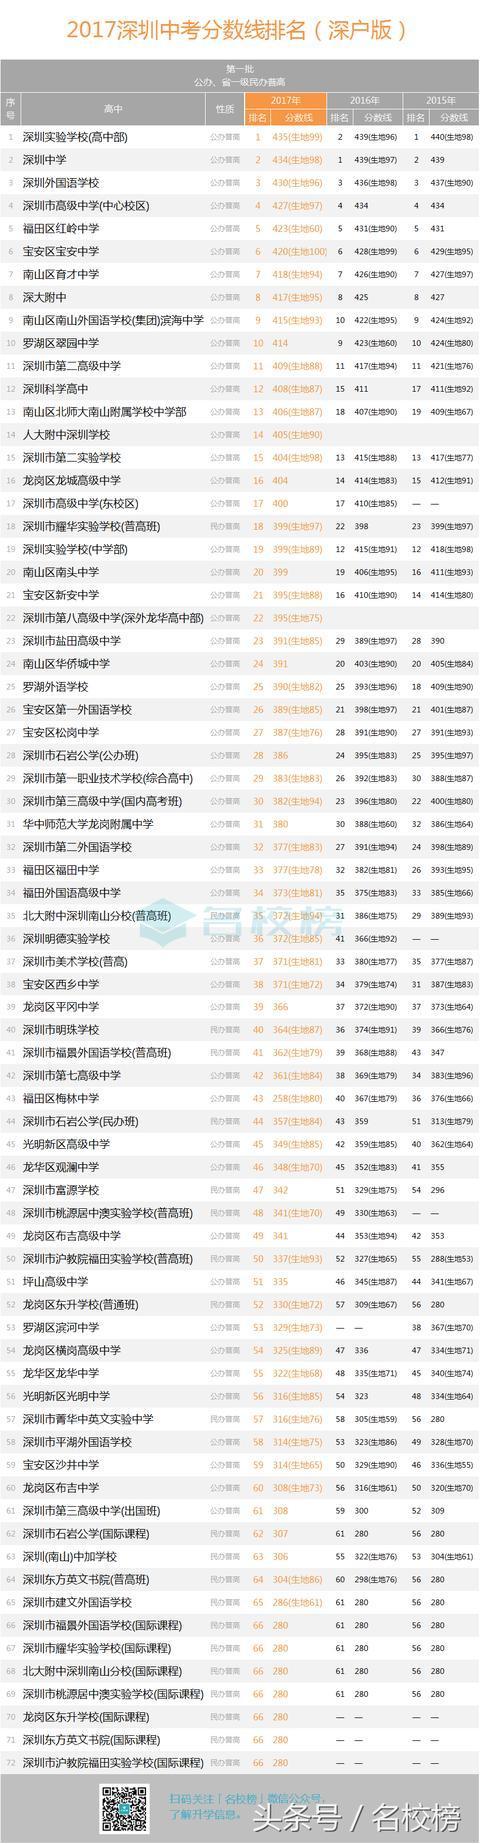 2017深圳中考分数线排名 第一批